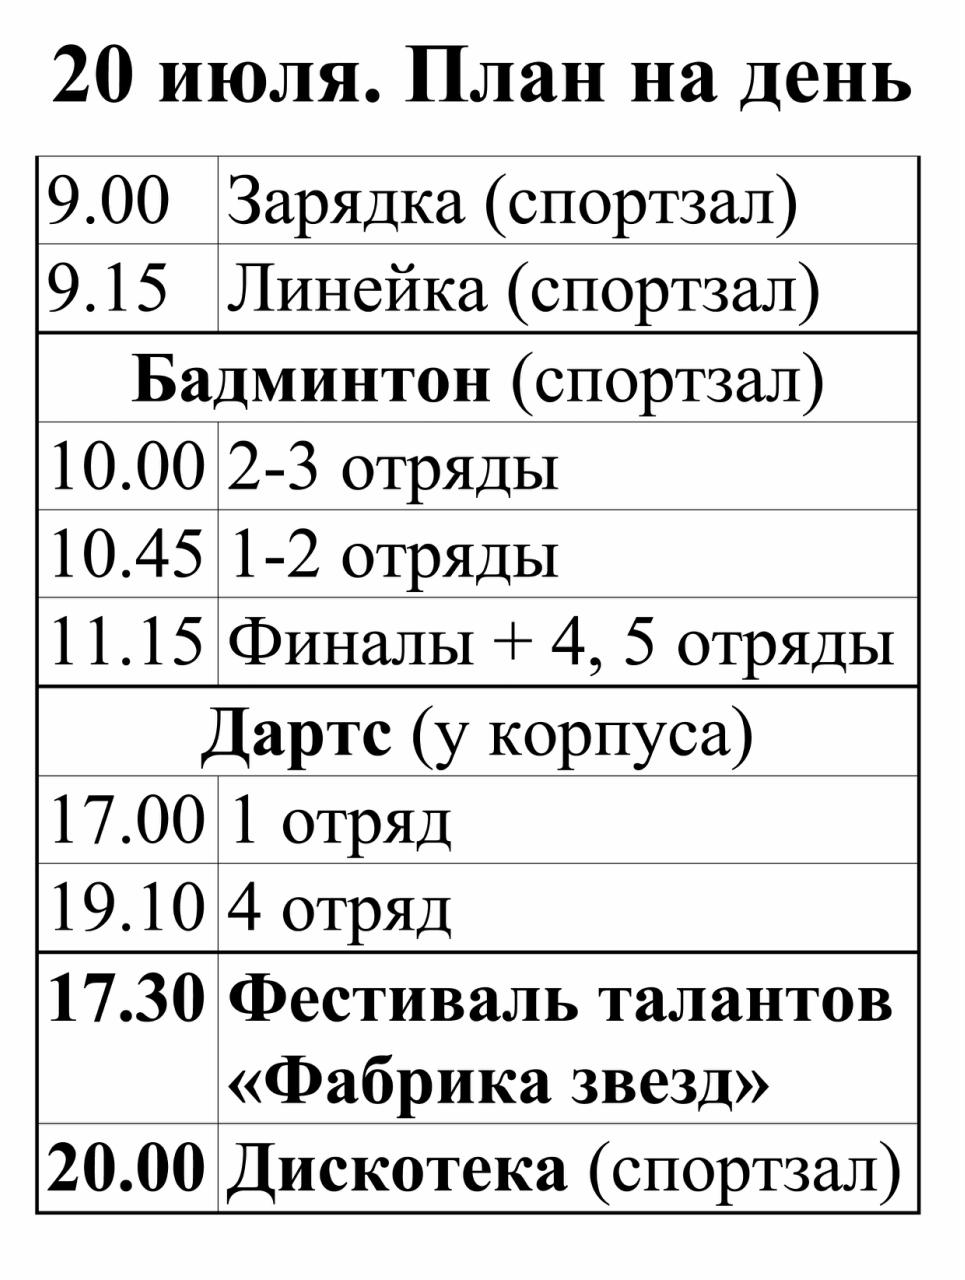 20 июля план на день.jpg